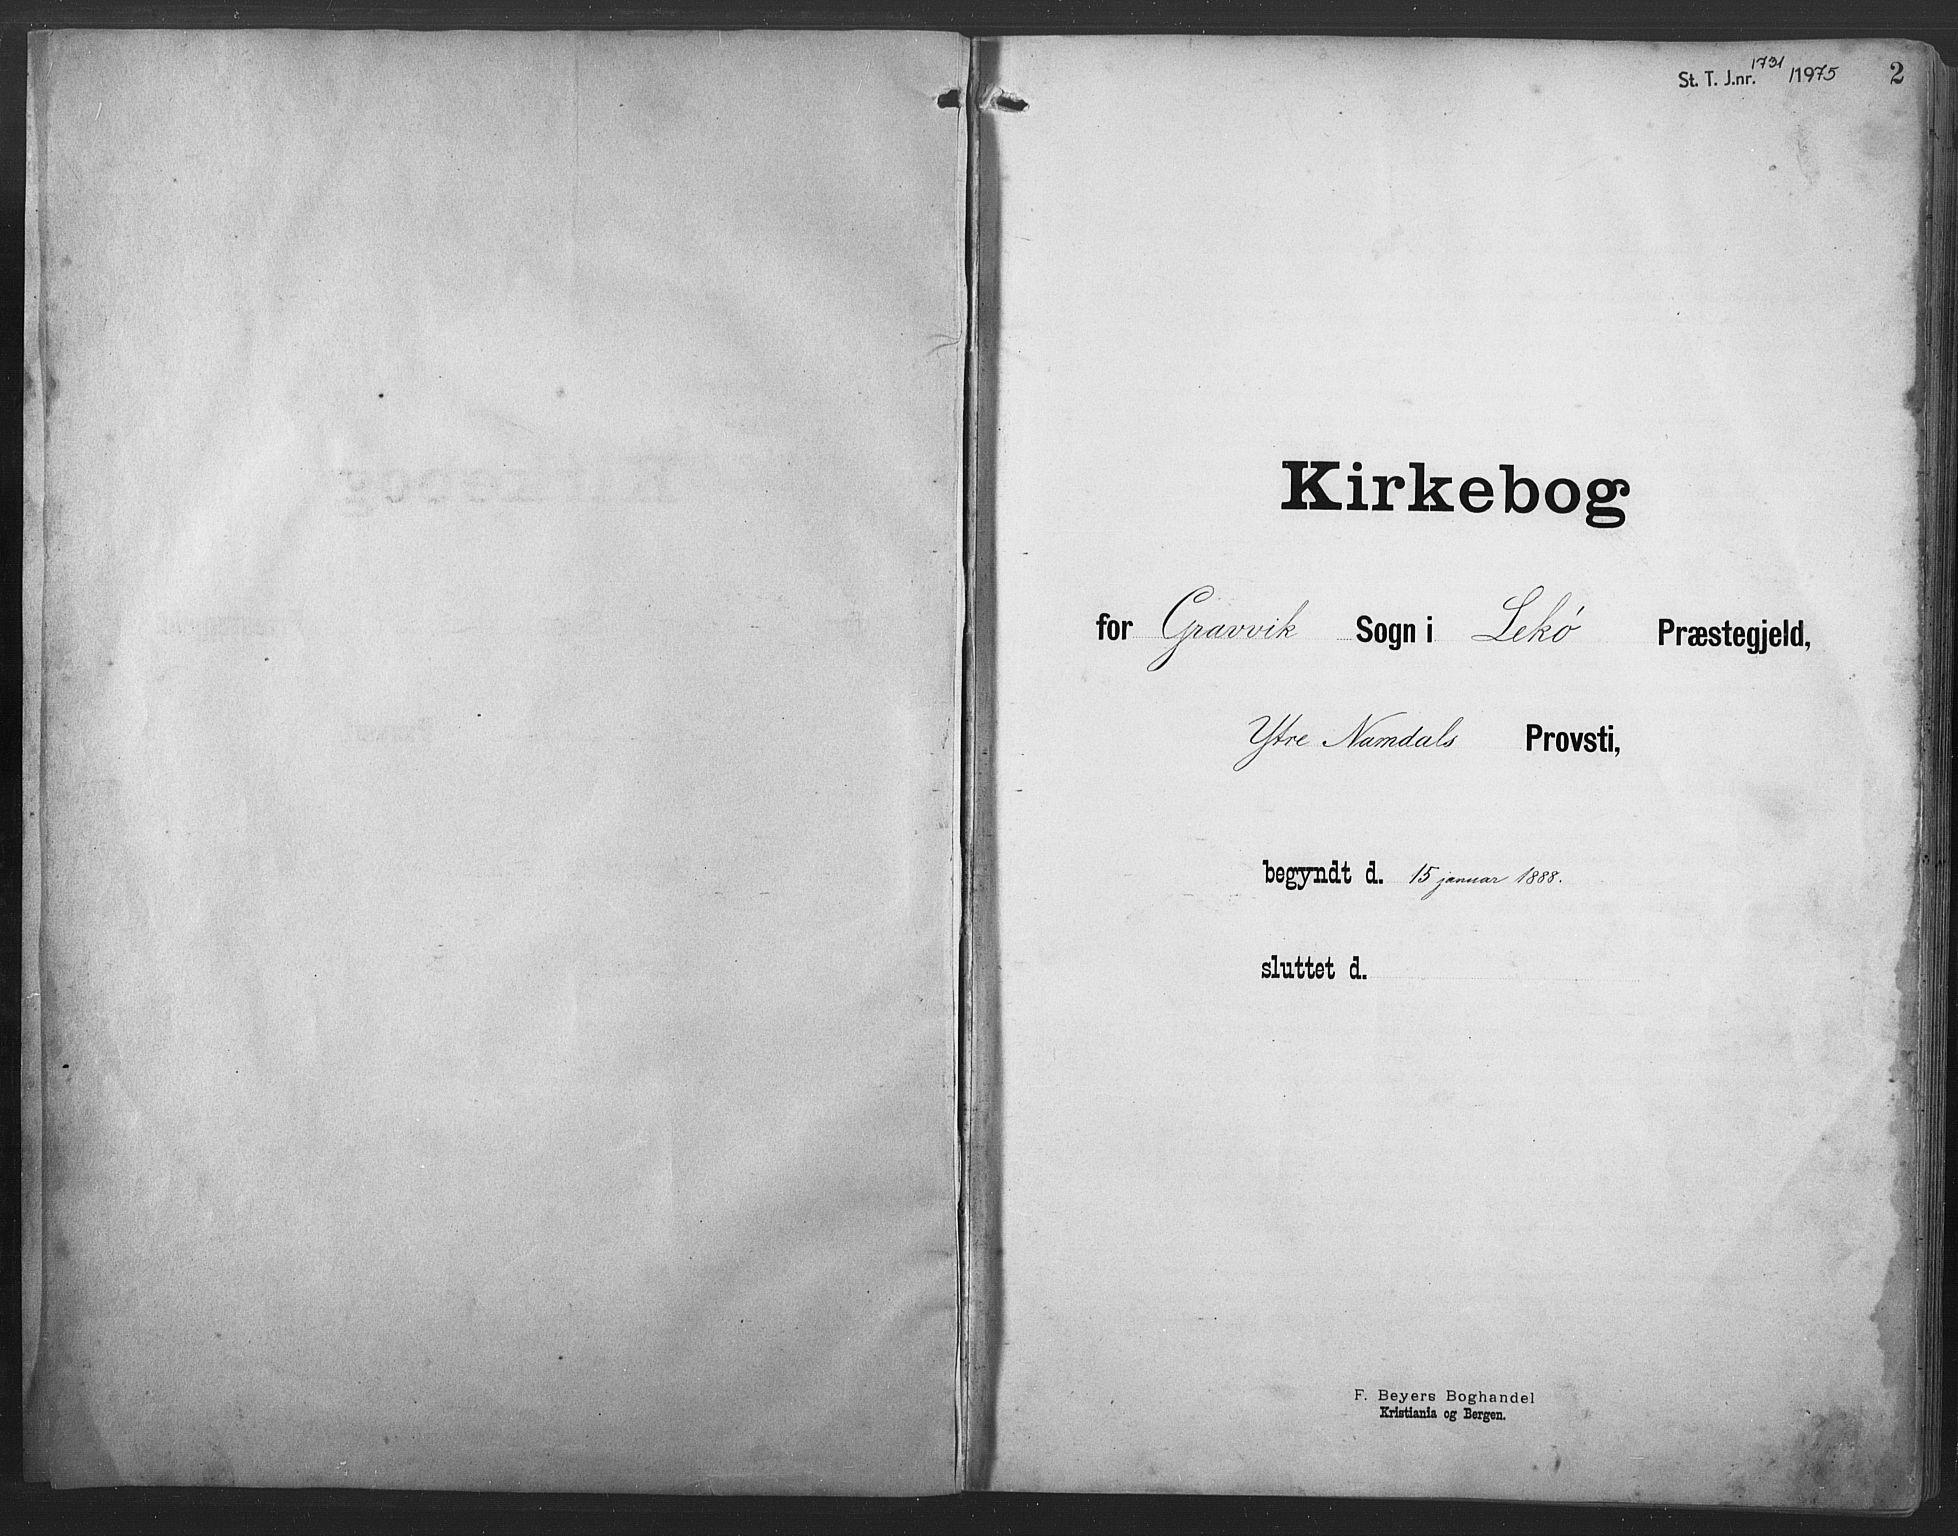 SAT, Ministerialprotokoller, klokkerbøker og fødselsregistre - Nord-Trøndelag, 789/L0706: Klokkerbok nr. 789C01, 1888-1931, s. 2